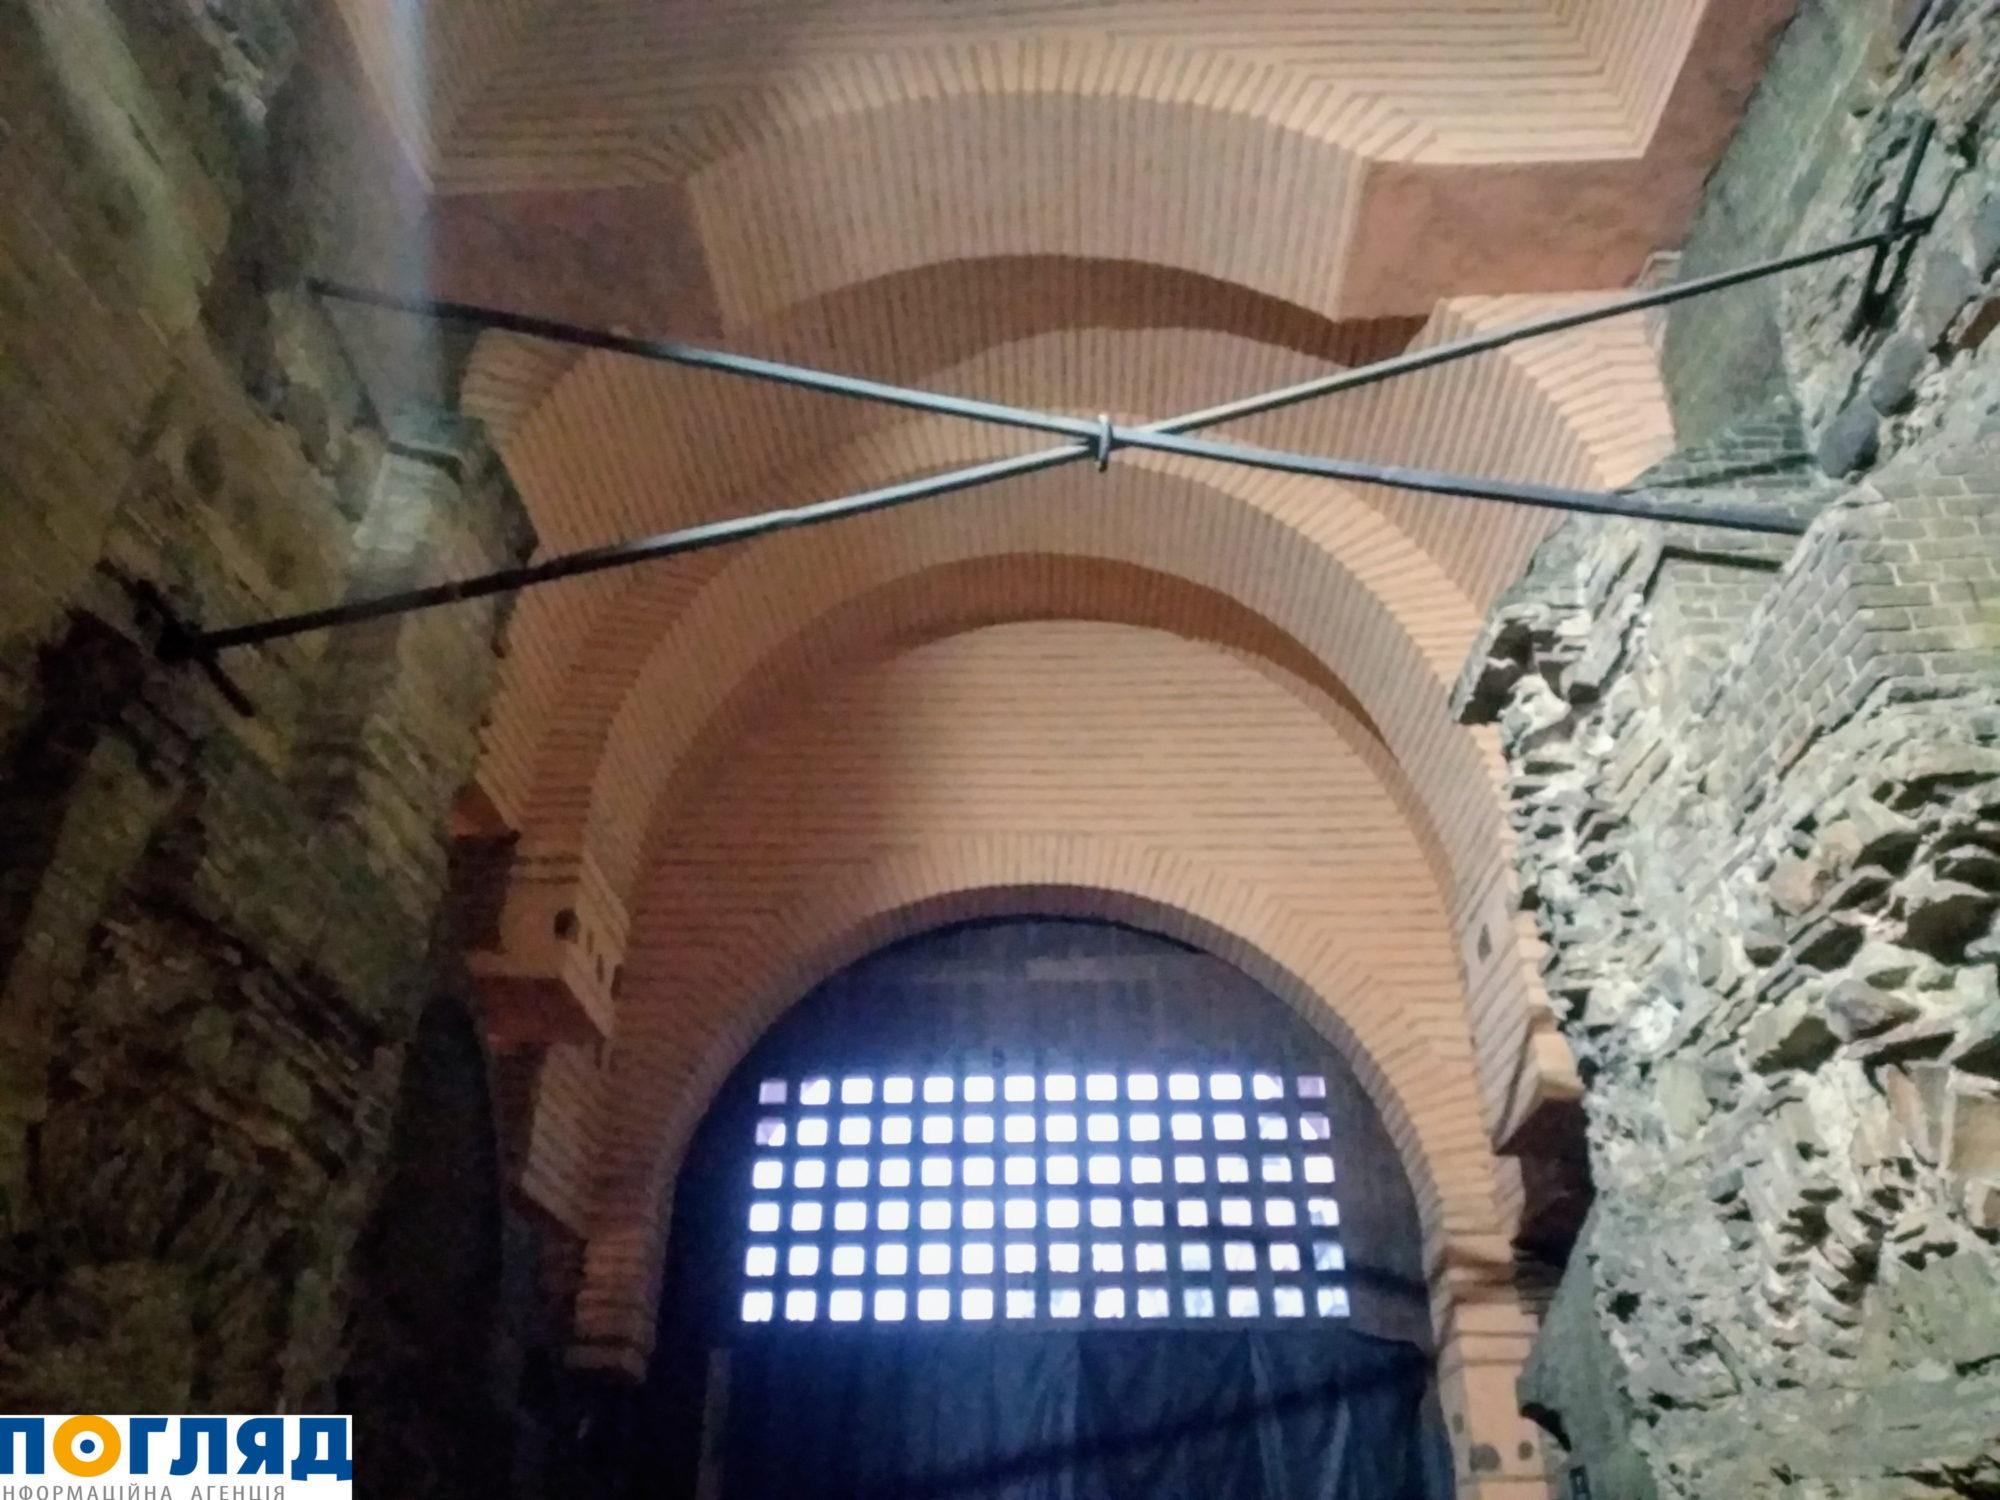 Музей «Золоті ворота» в Києві перейшов на зимовий графік роботи -  - IMG 20191117 1611082 2000x1500